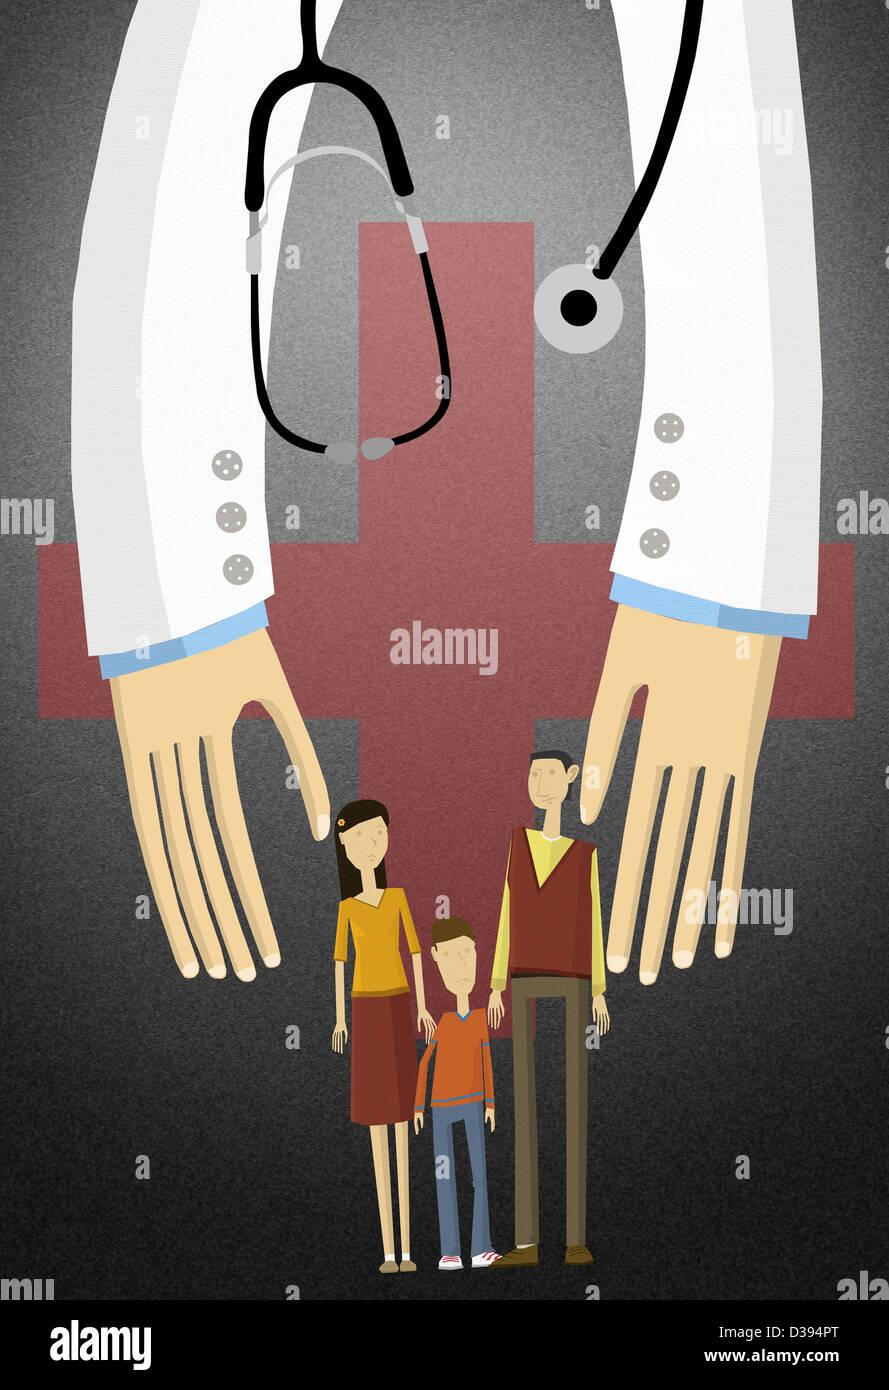 Ilustrado shot de una familia cubiertos por seguros médicos Imagen De Stock